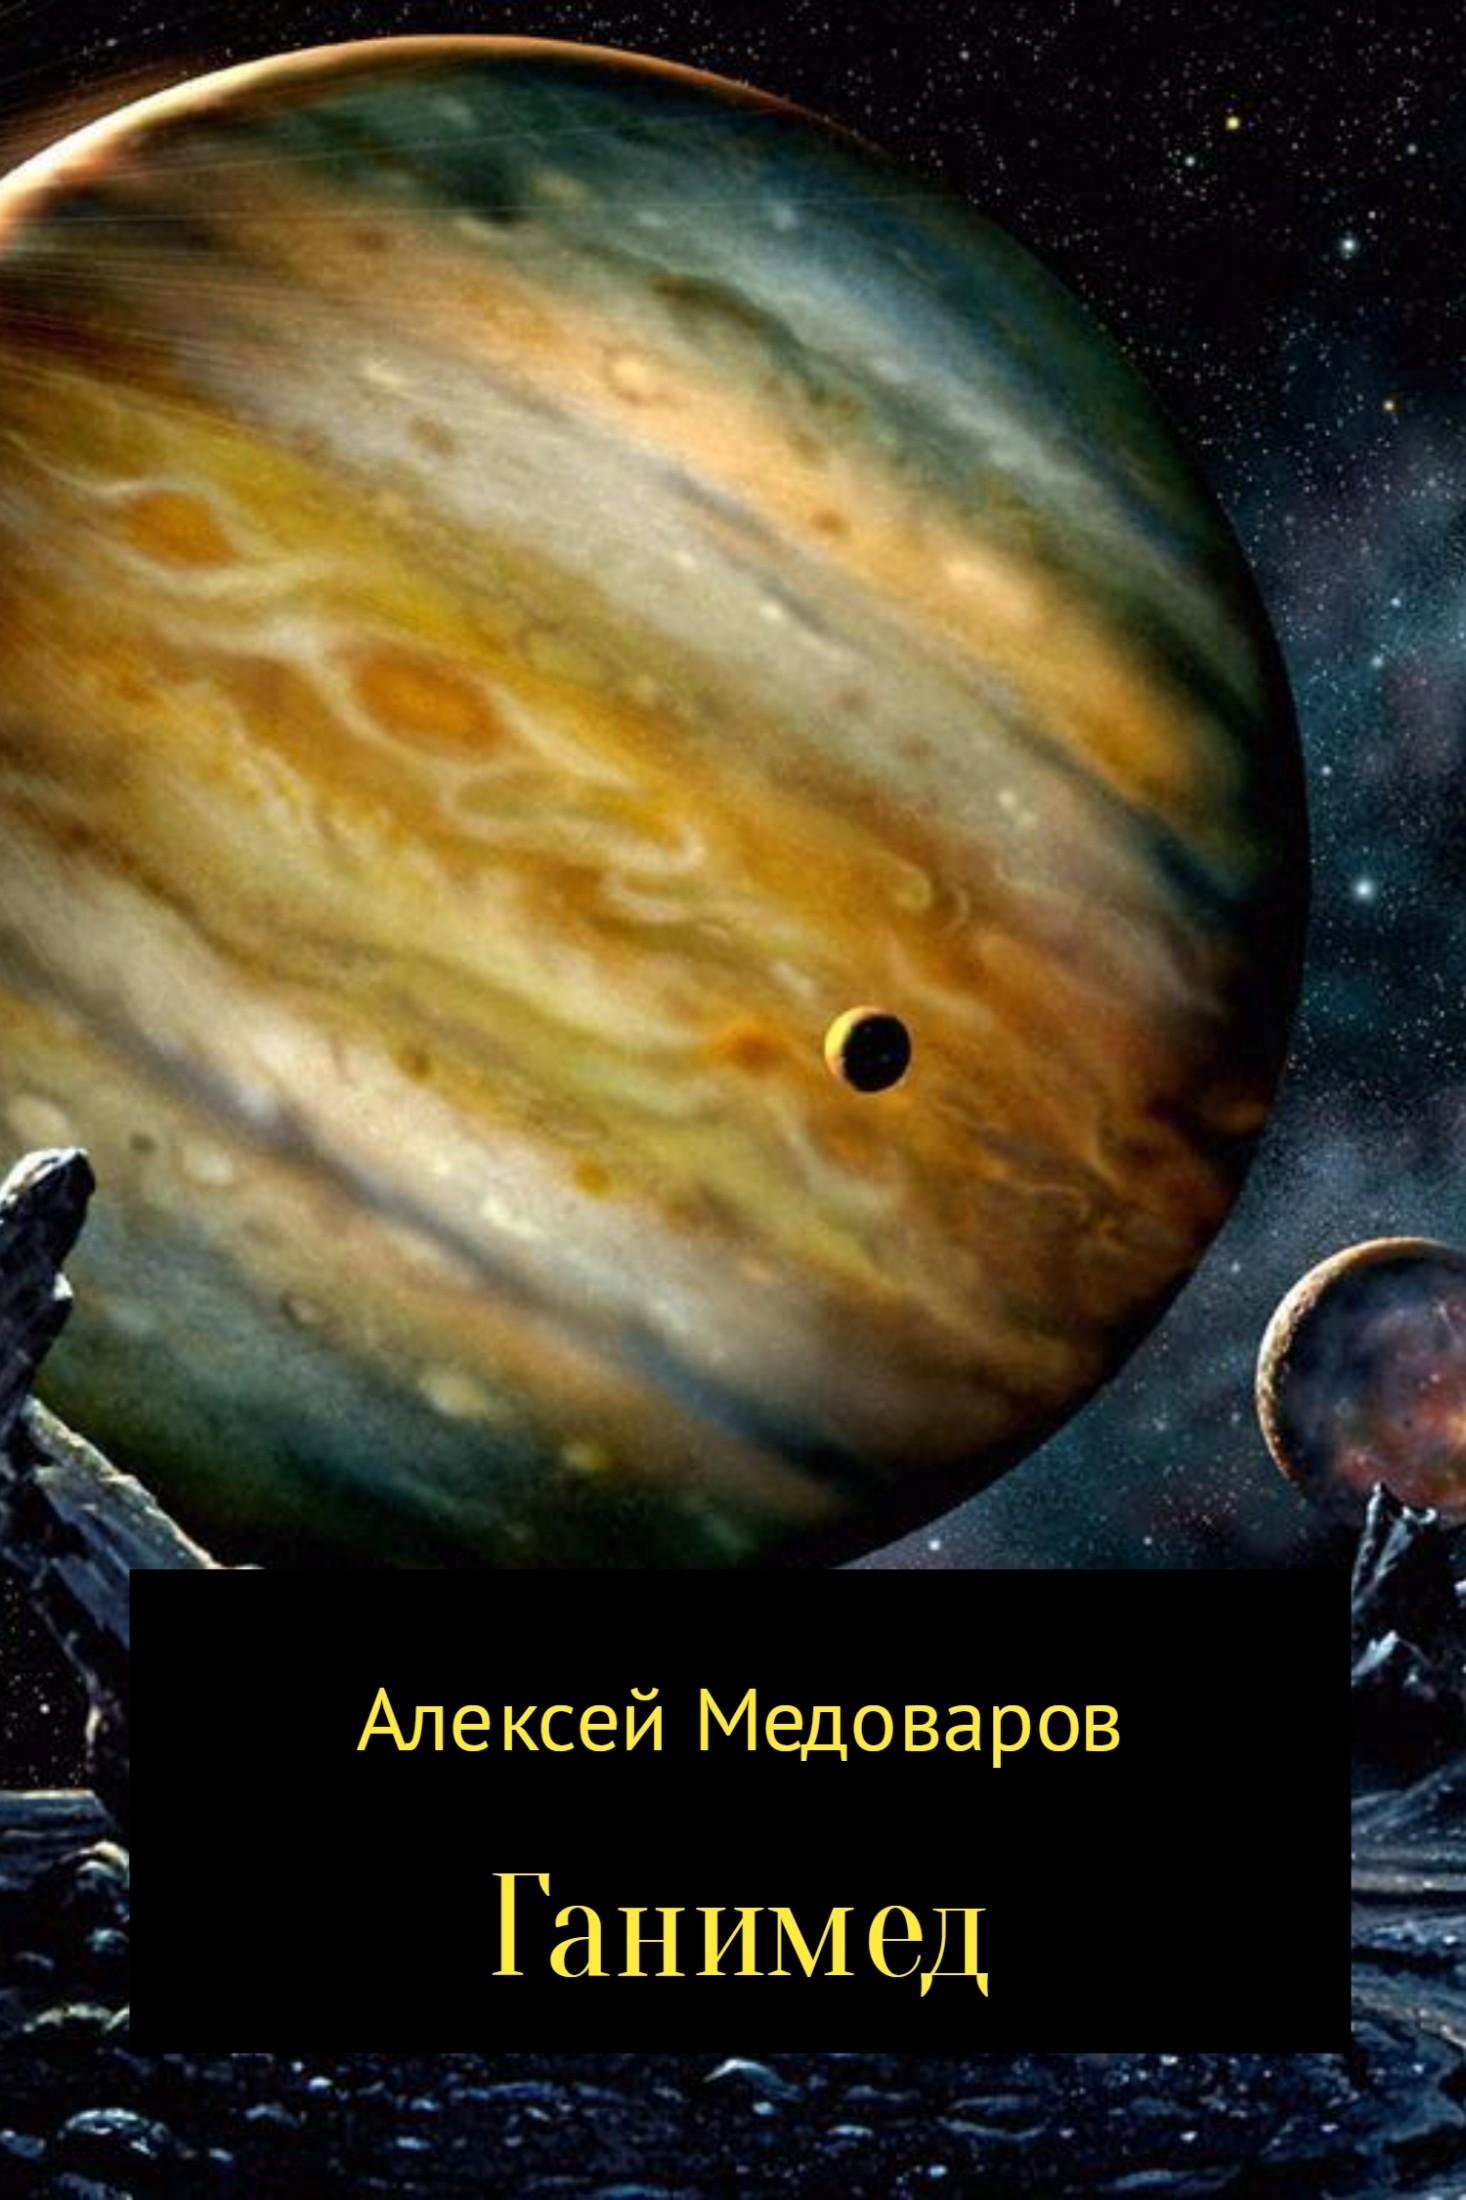 Алексей Медоваров бесплатно